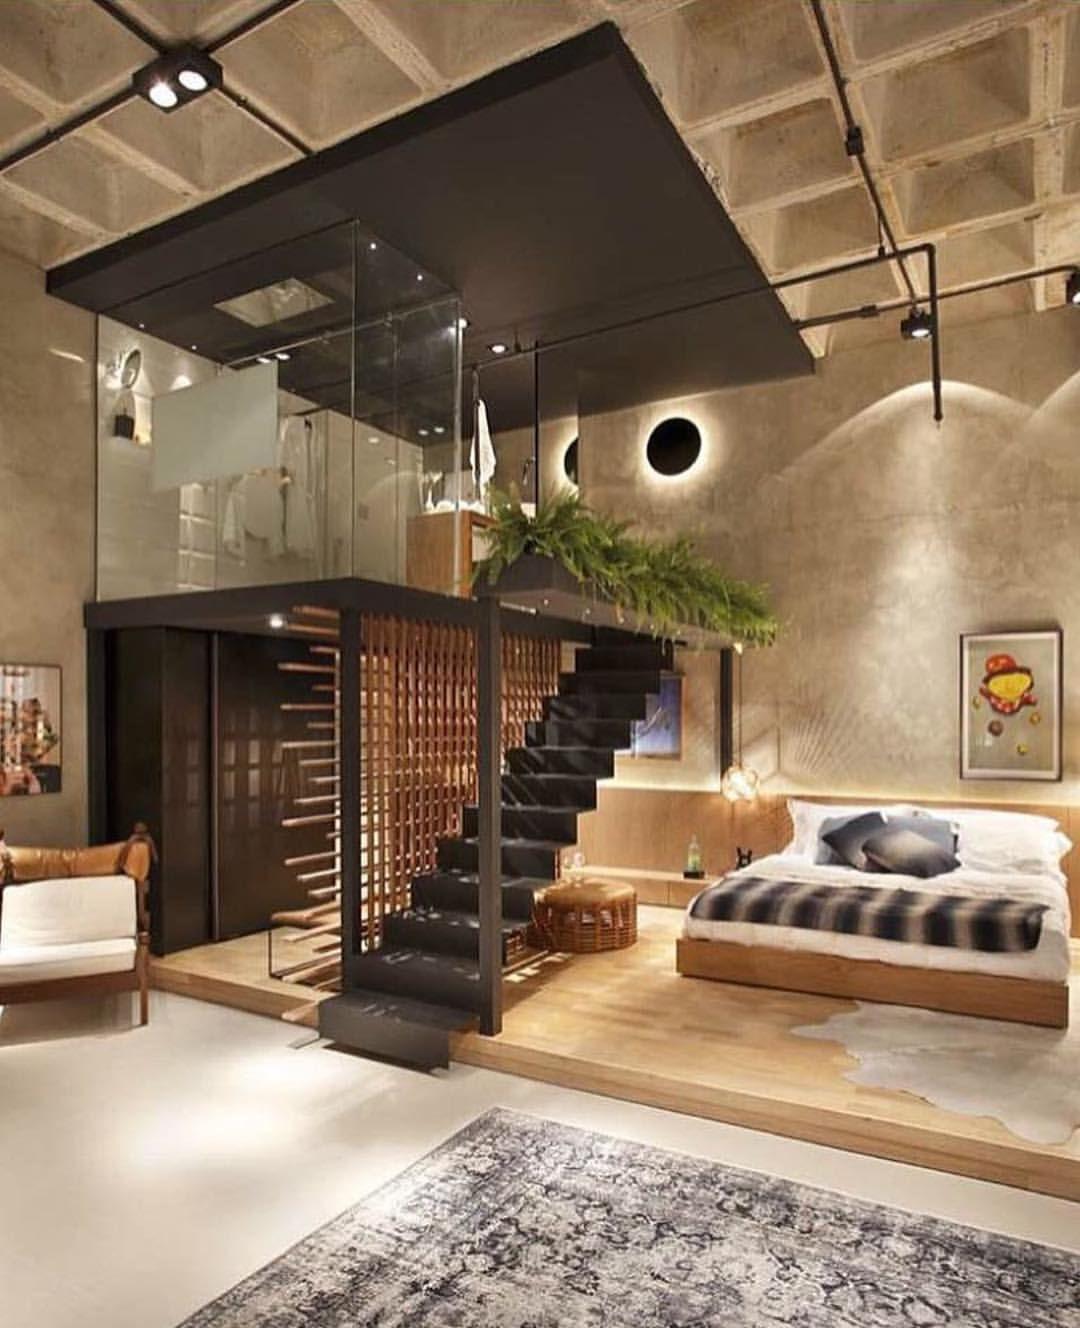 Sieh Dir Dieses Instagram Foto Von Decoracaocontemporanea An O Gefllt 755 Mal Interior Decorating TipsInterior IdeasInterior Design